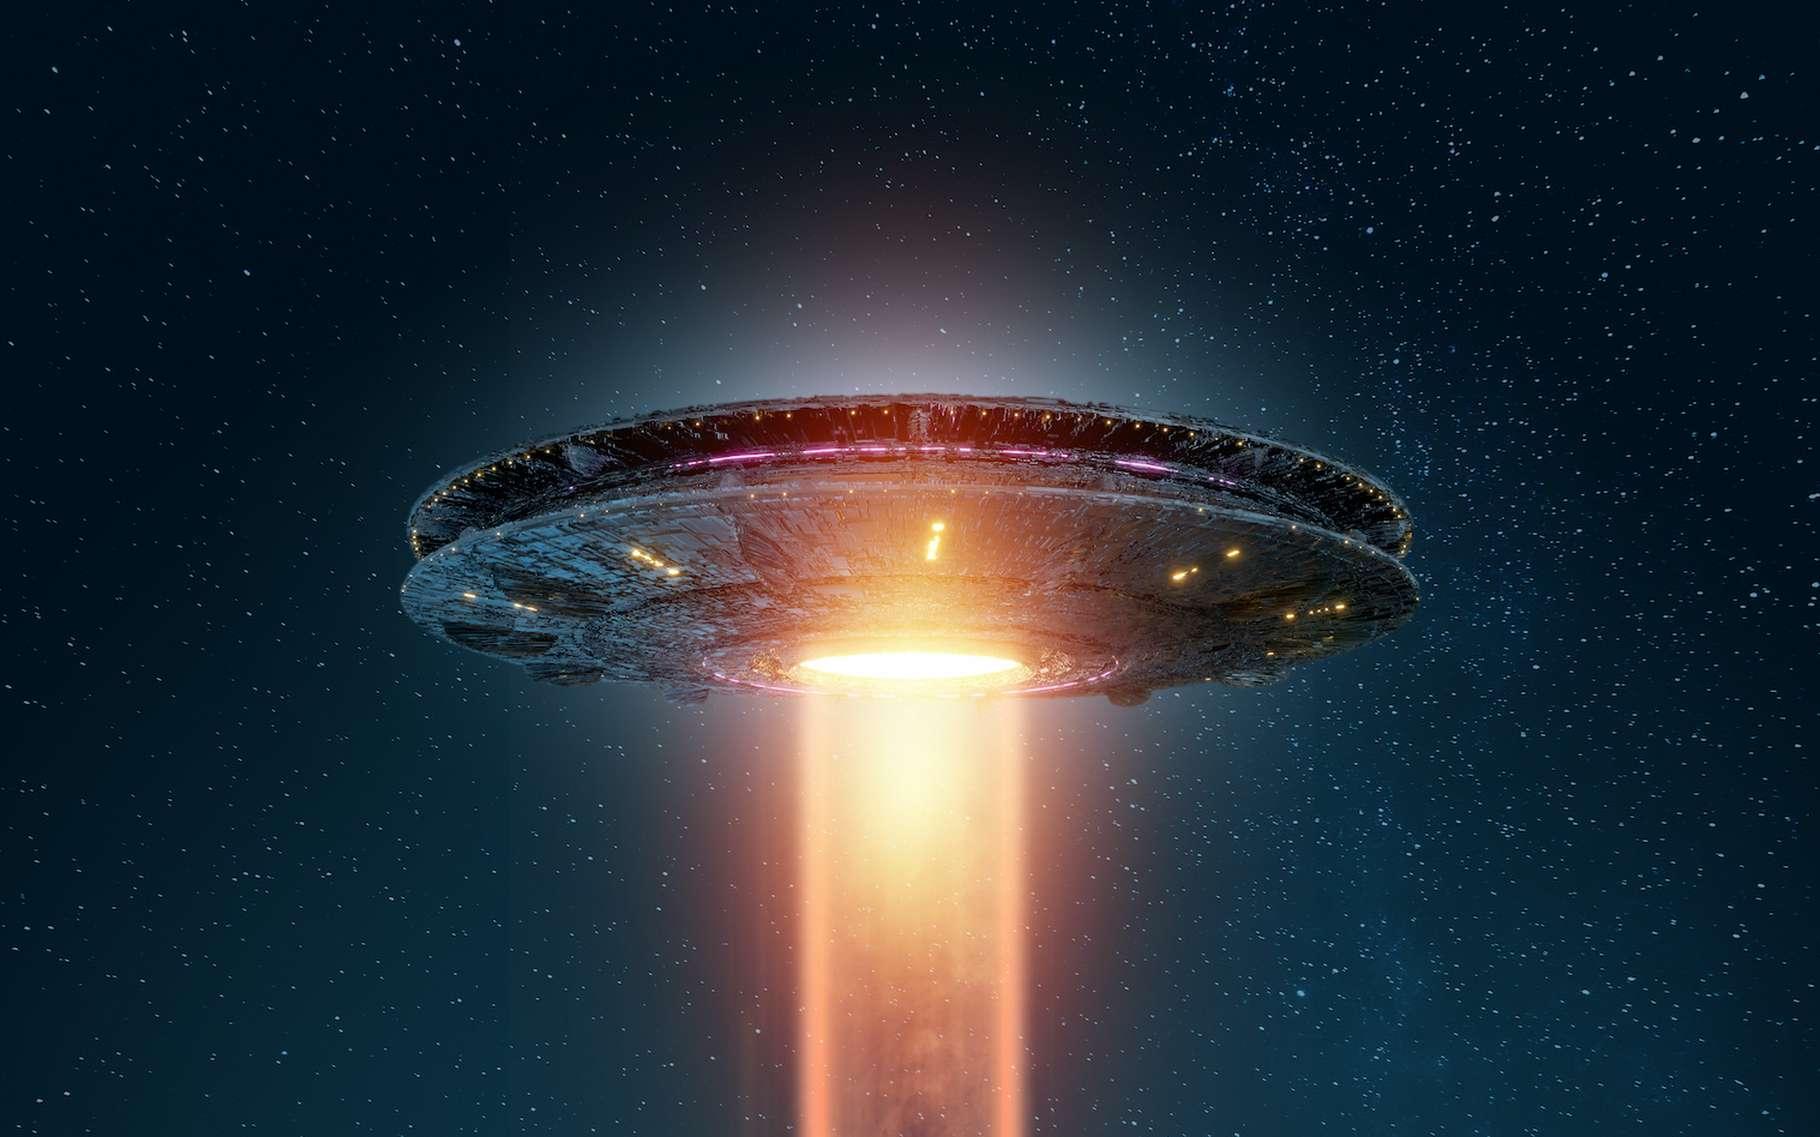 Des chercheurs viennent de mettre en ligne un outil qui permet à tous de calculer combien de civilisations extraterrestres intelligentes peuplent la Voie lactée. © Aliaksandr Marko, Adobe Stock